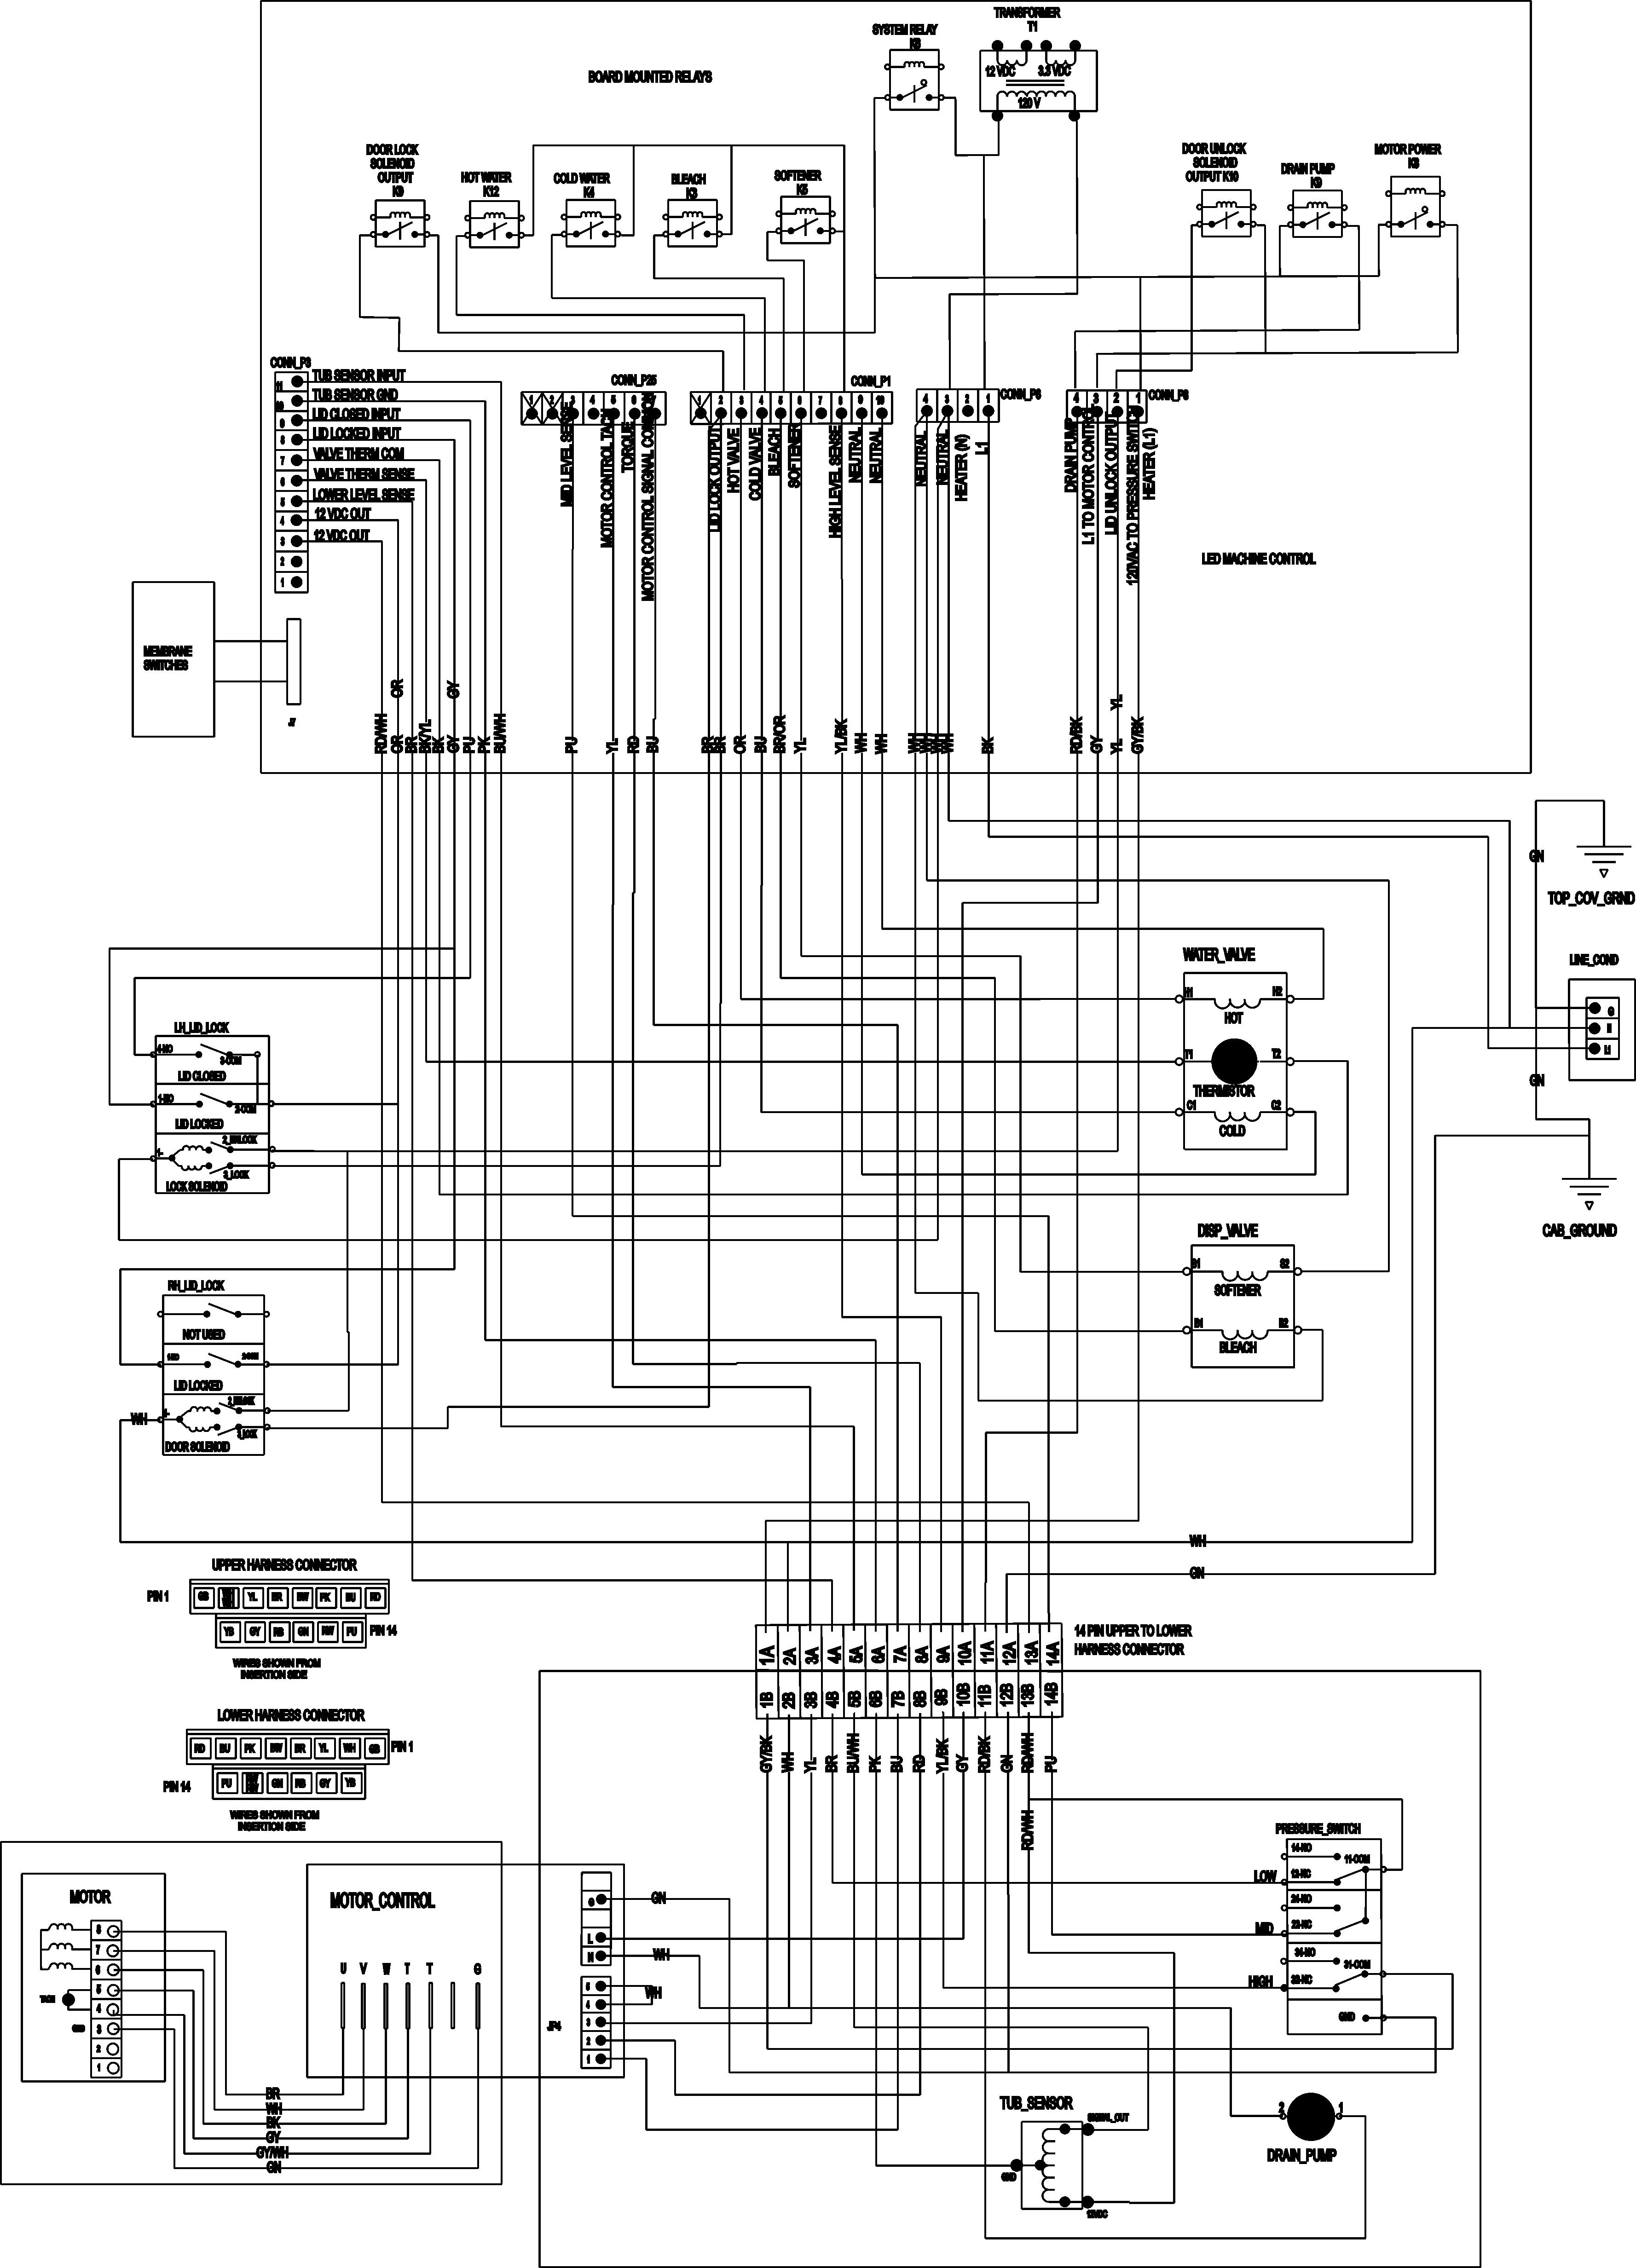 maytag washer wiring schematic